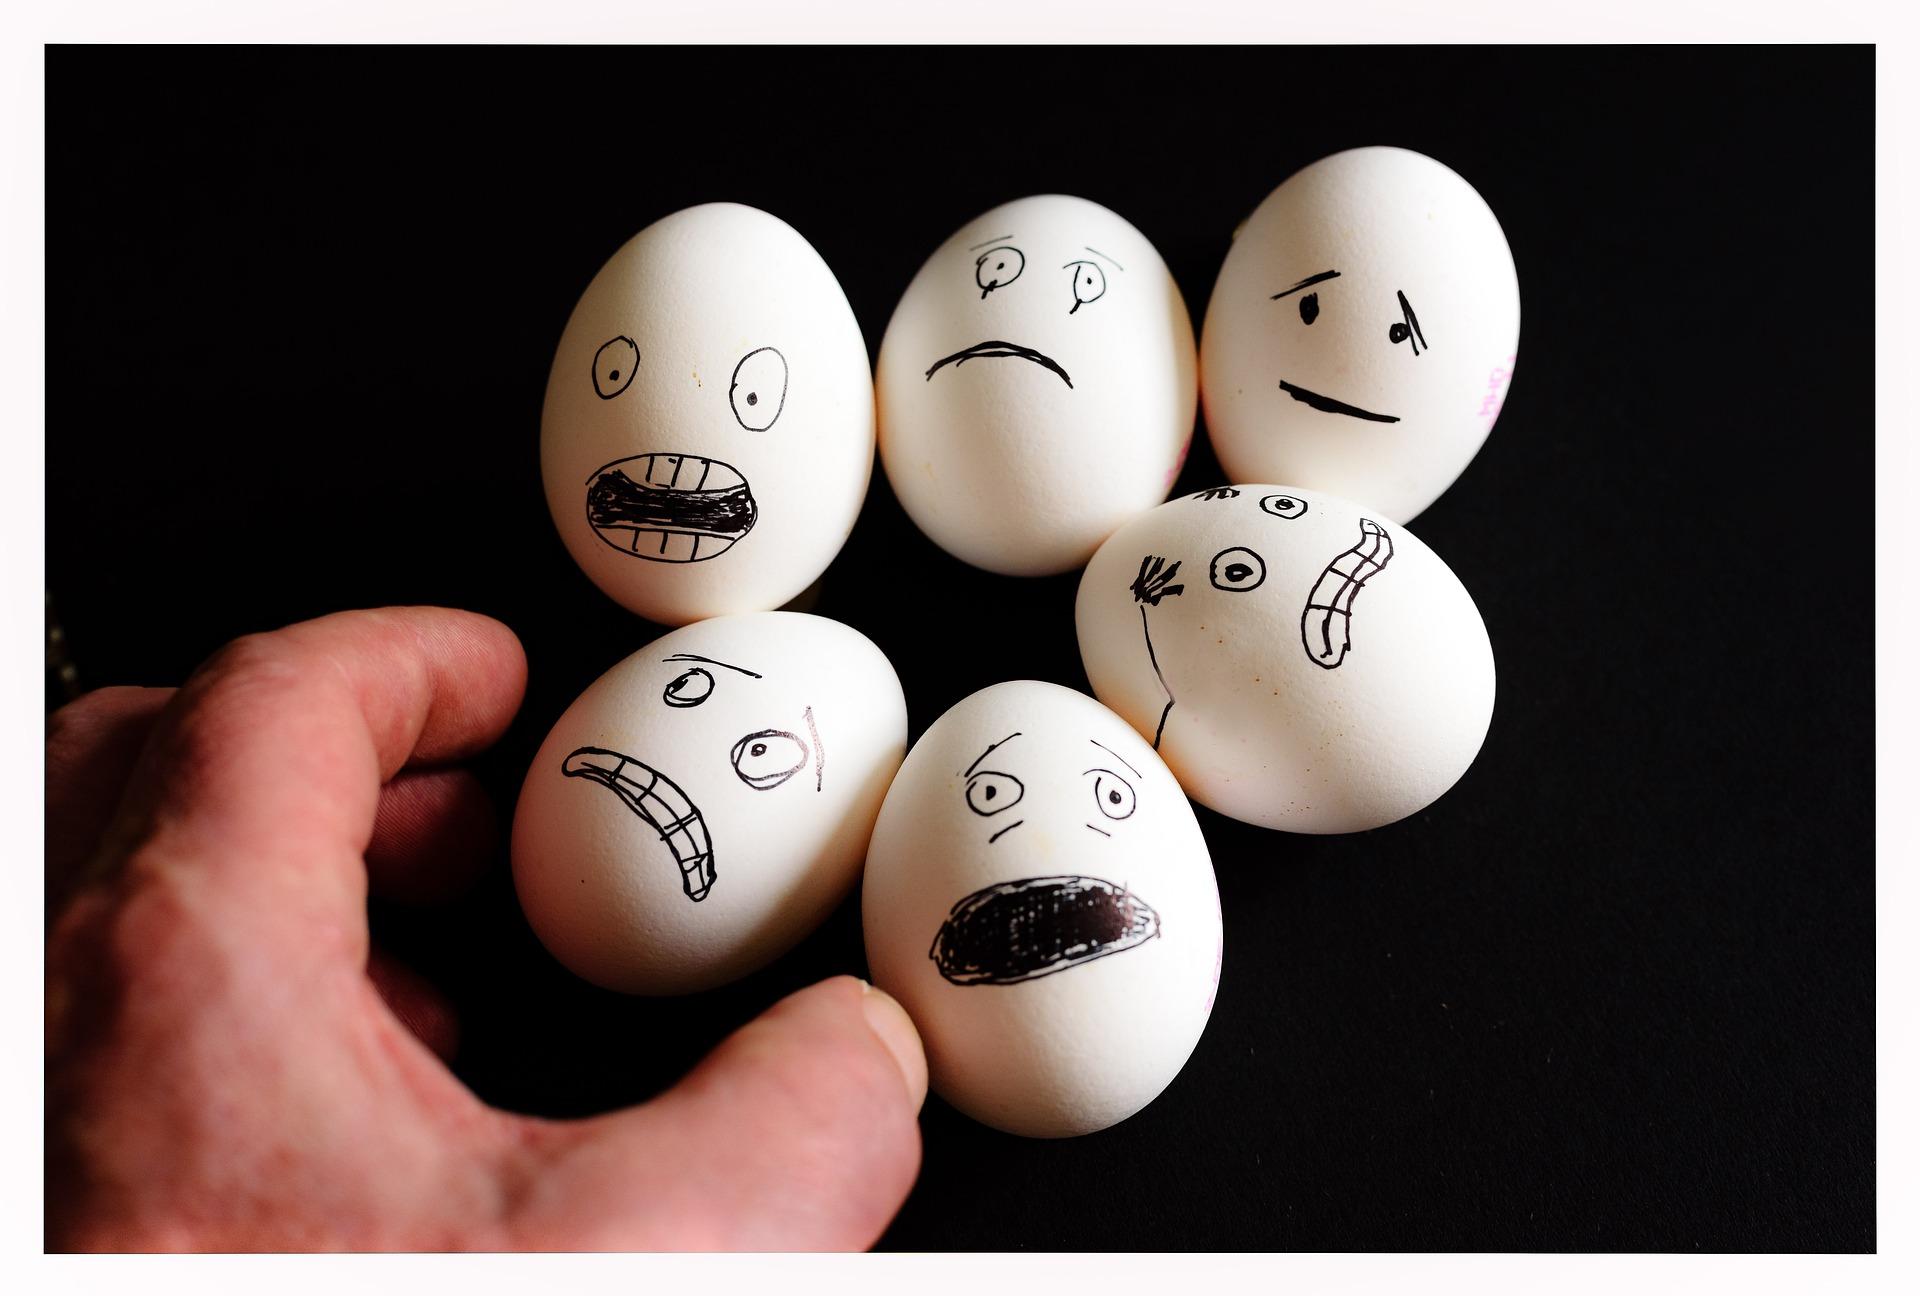 scared-eggs-2939061_1920.jpg